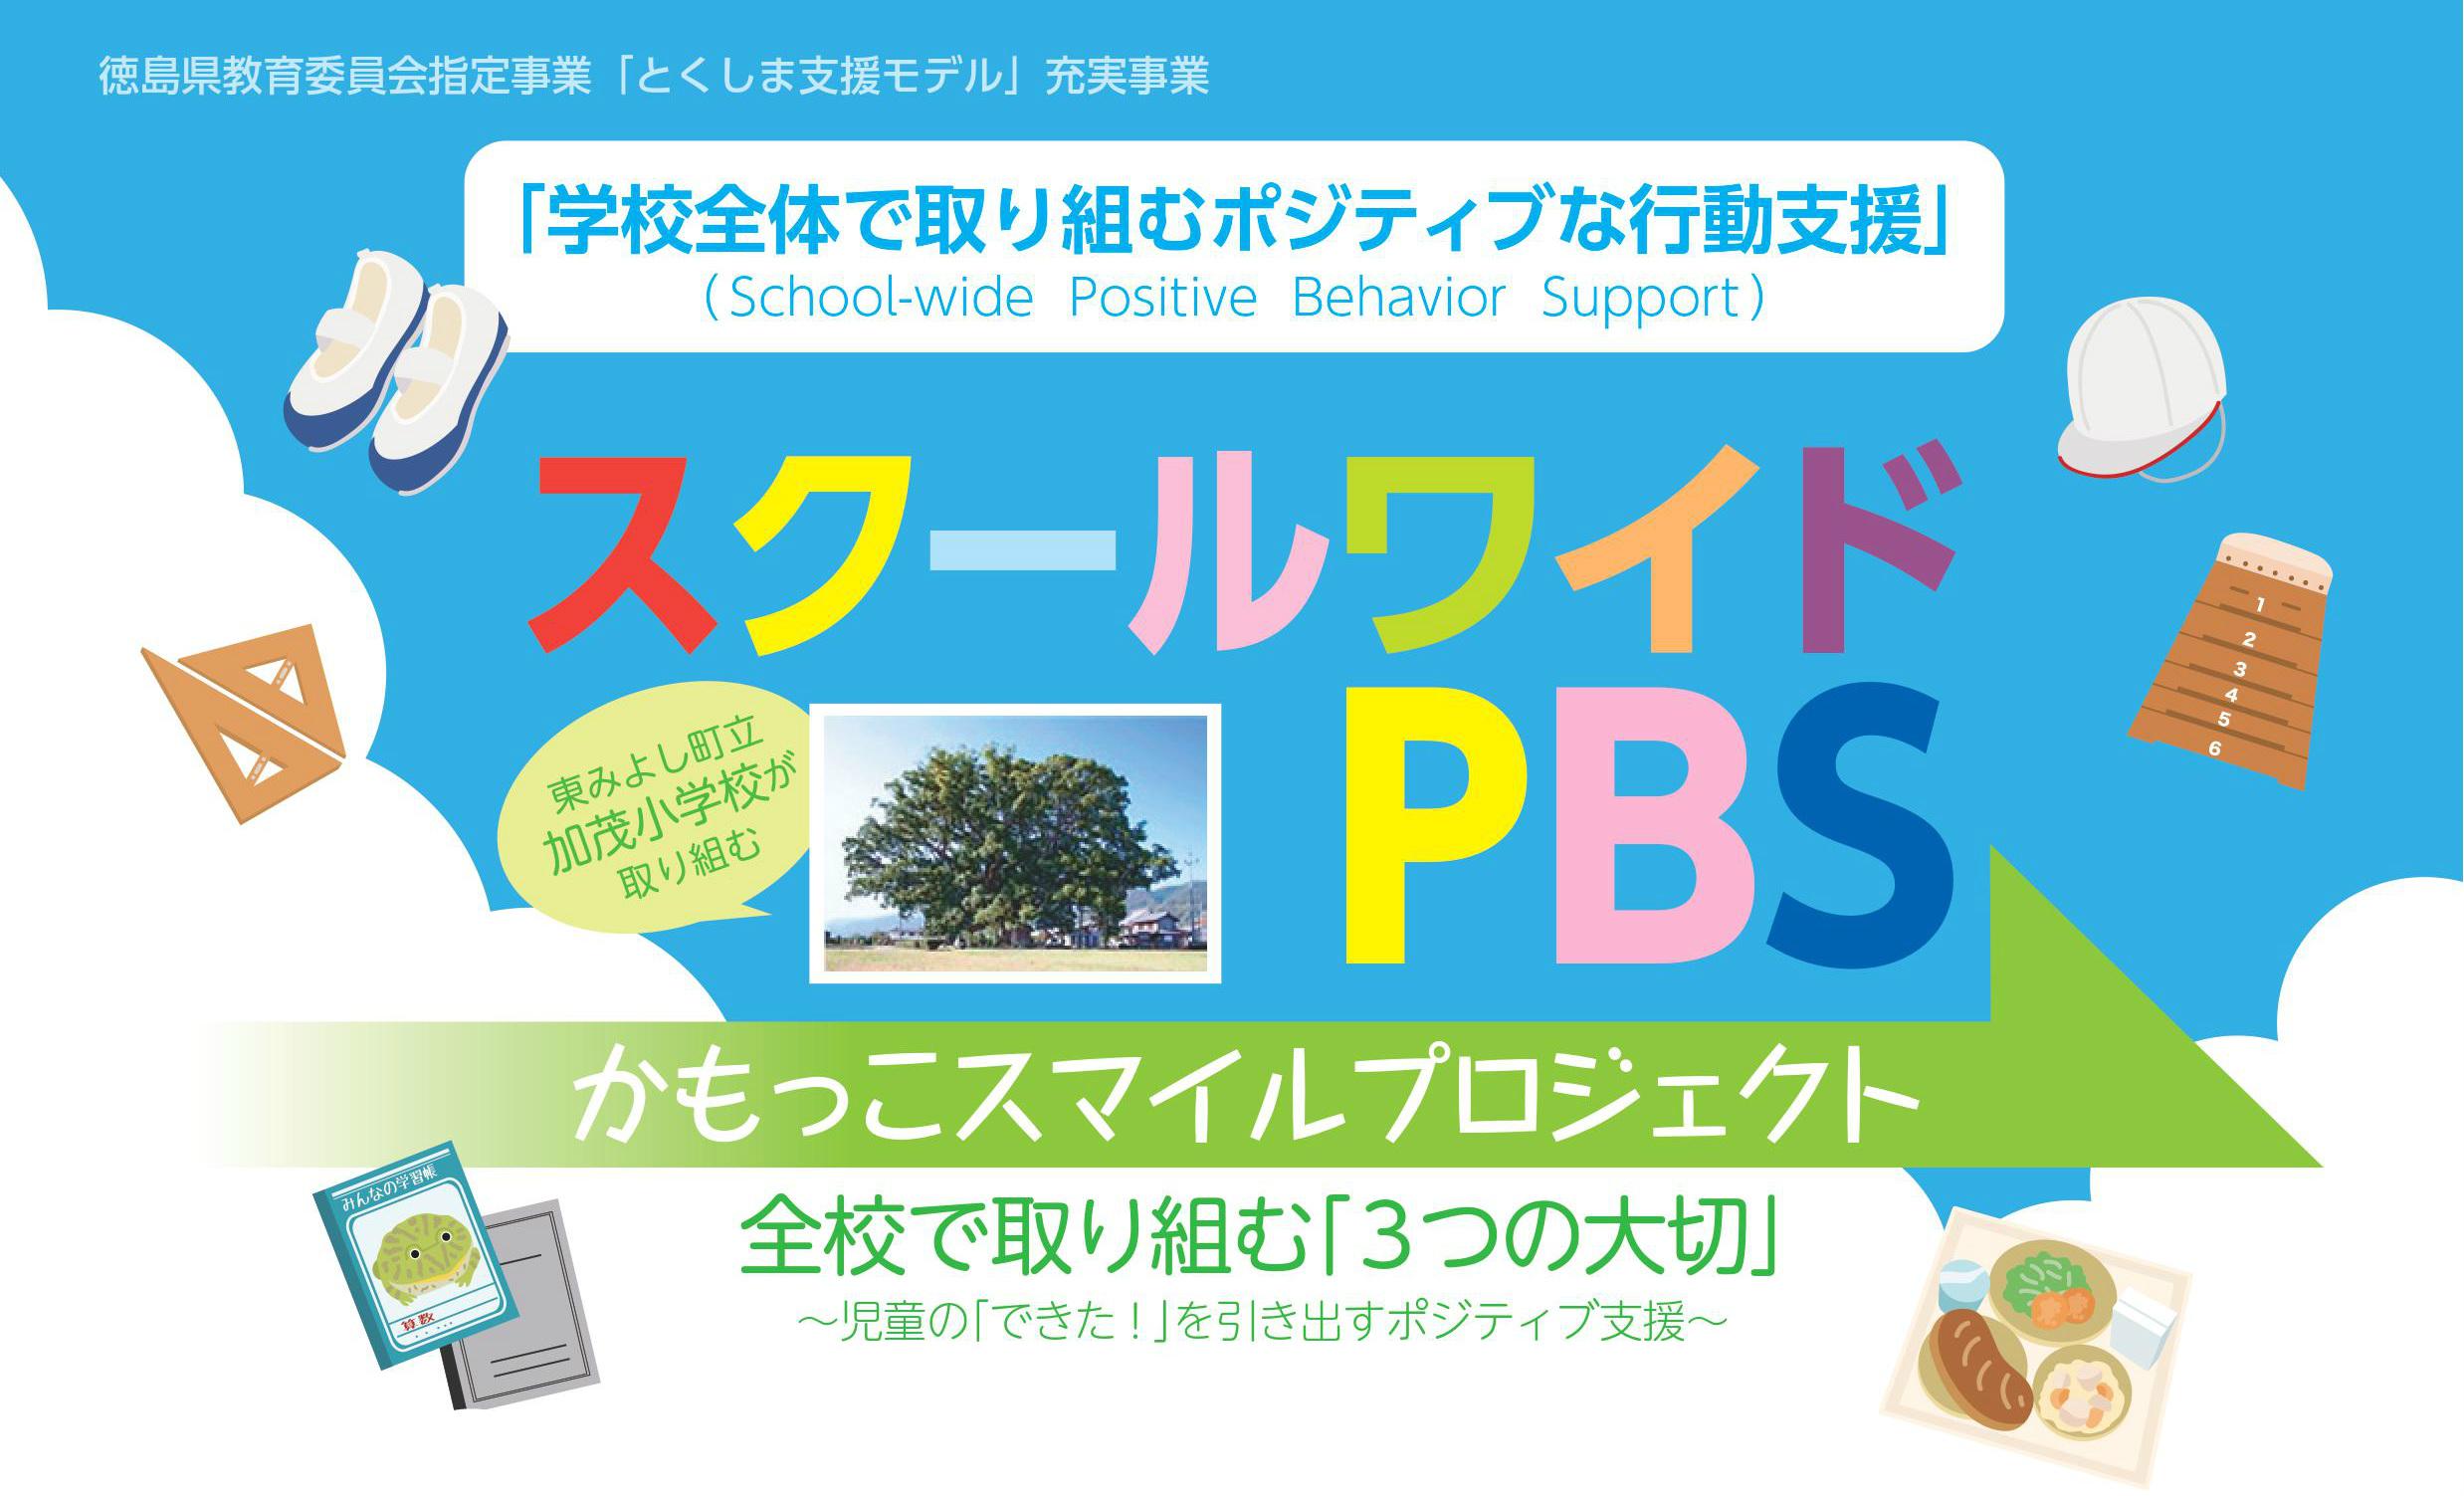 子どもたちにエビデンスに基づいた特別支援教育を!②-いじめや学級崩壊を防ぐ「スクールワイドPBS」を日本初導入